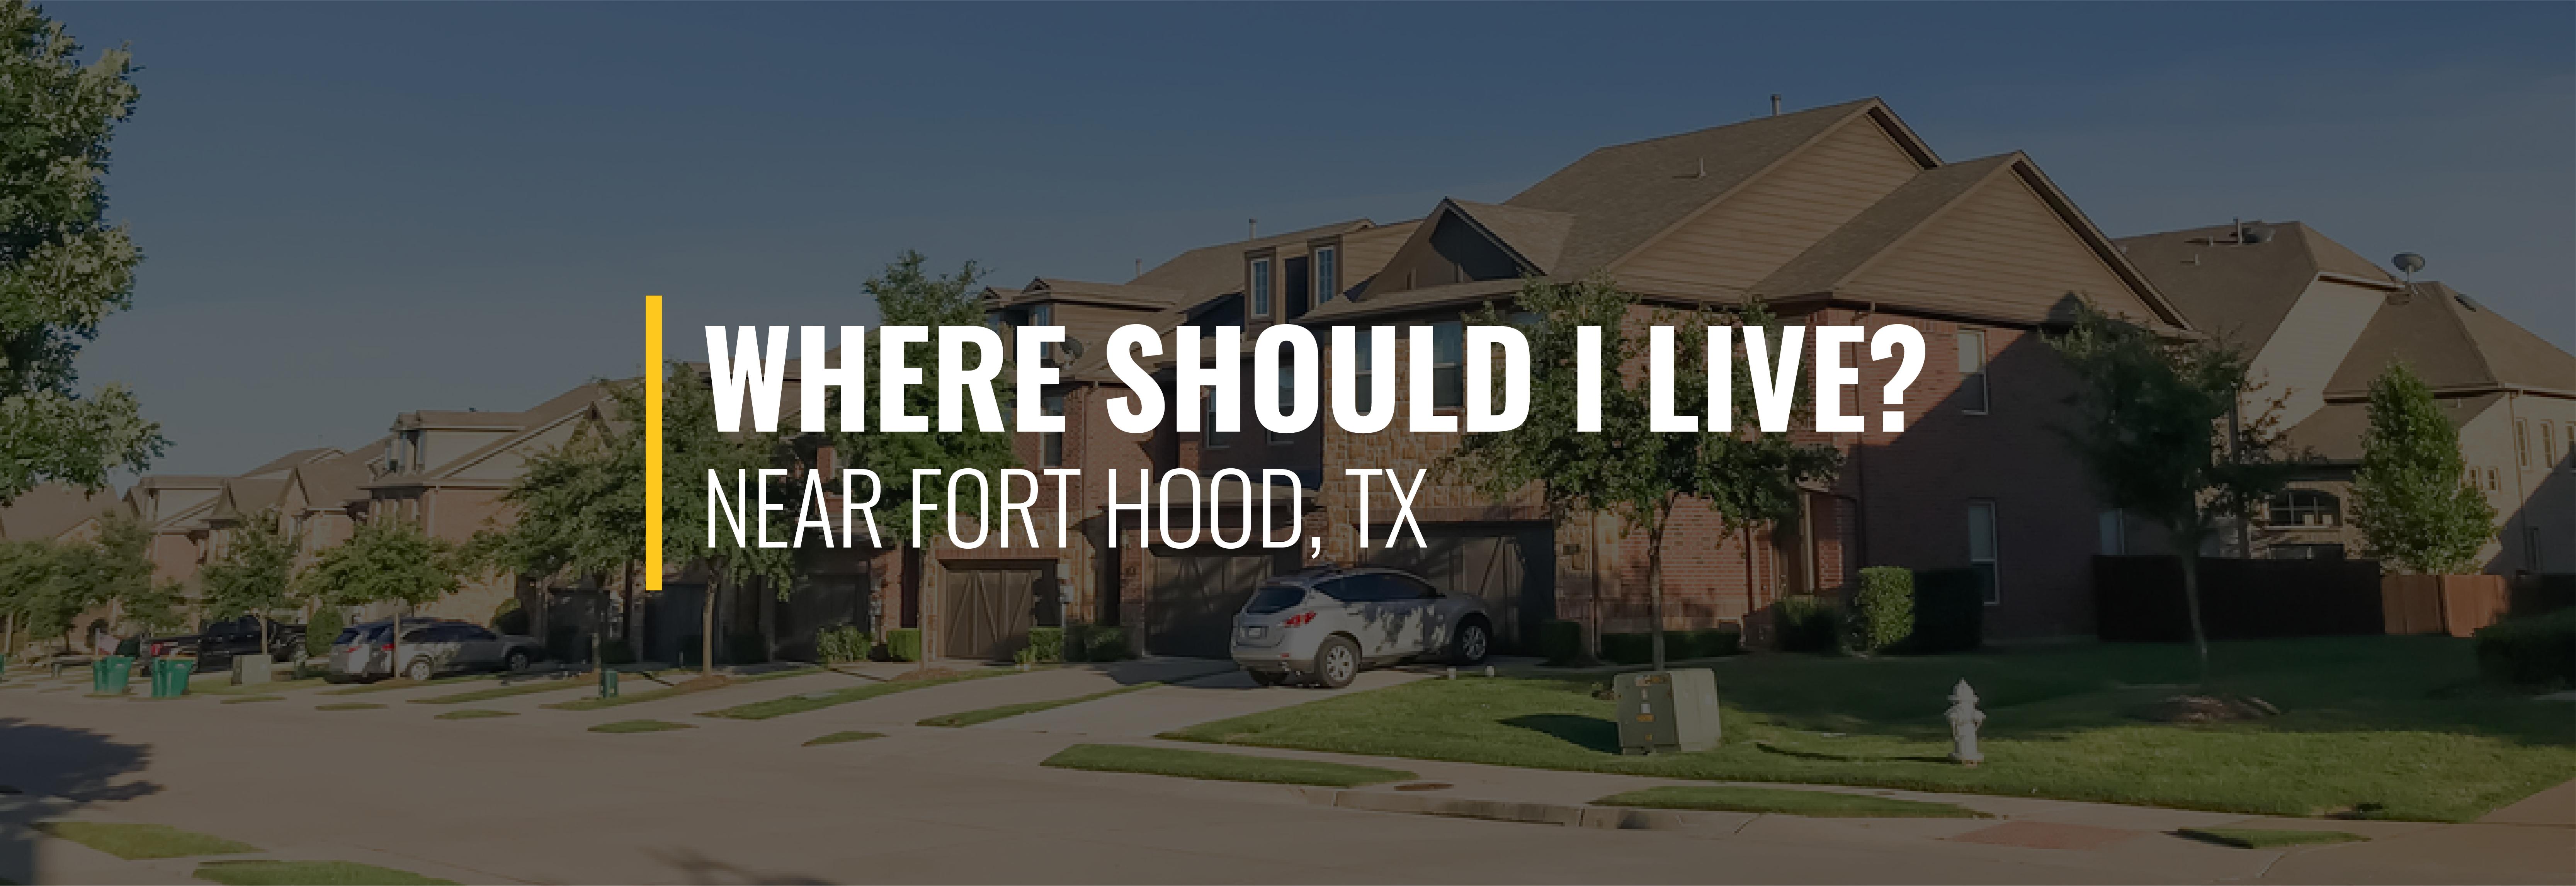 Where Should I Live Near Fort Hood?